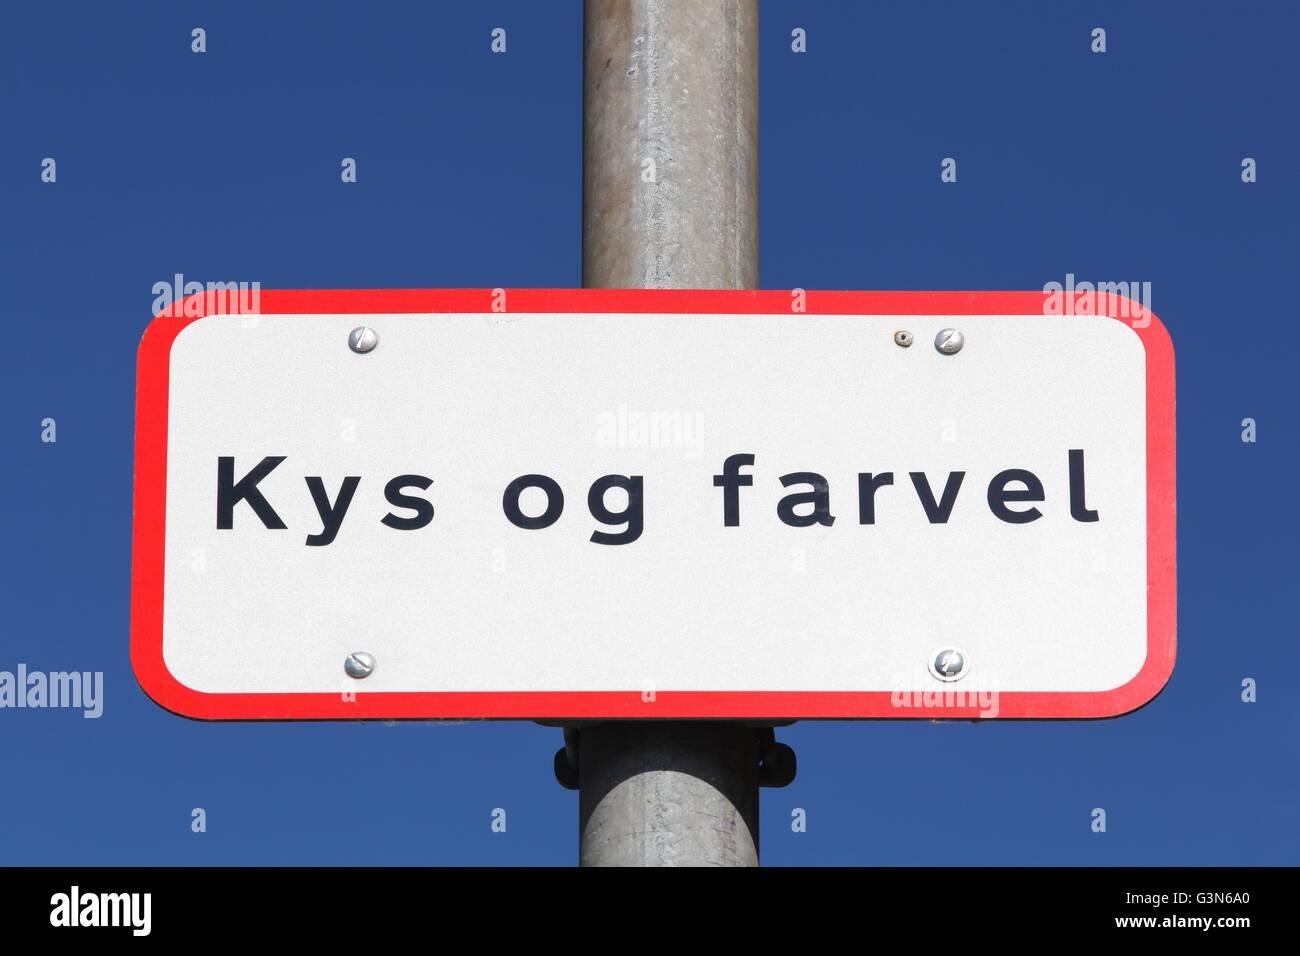 Beso y Adiós llamada Kys og Farvel en danés gota fuera de zona en Dinamarca Imagen De Stock